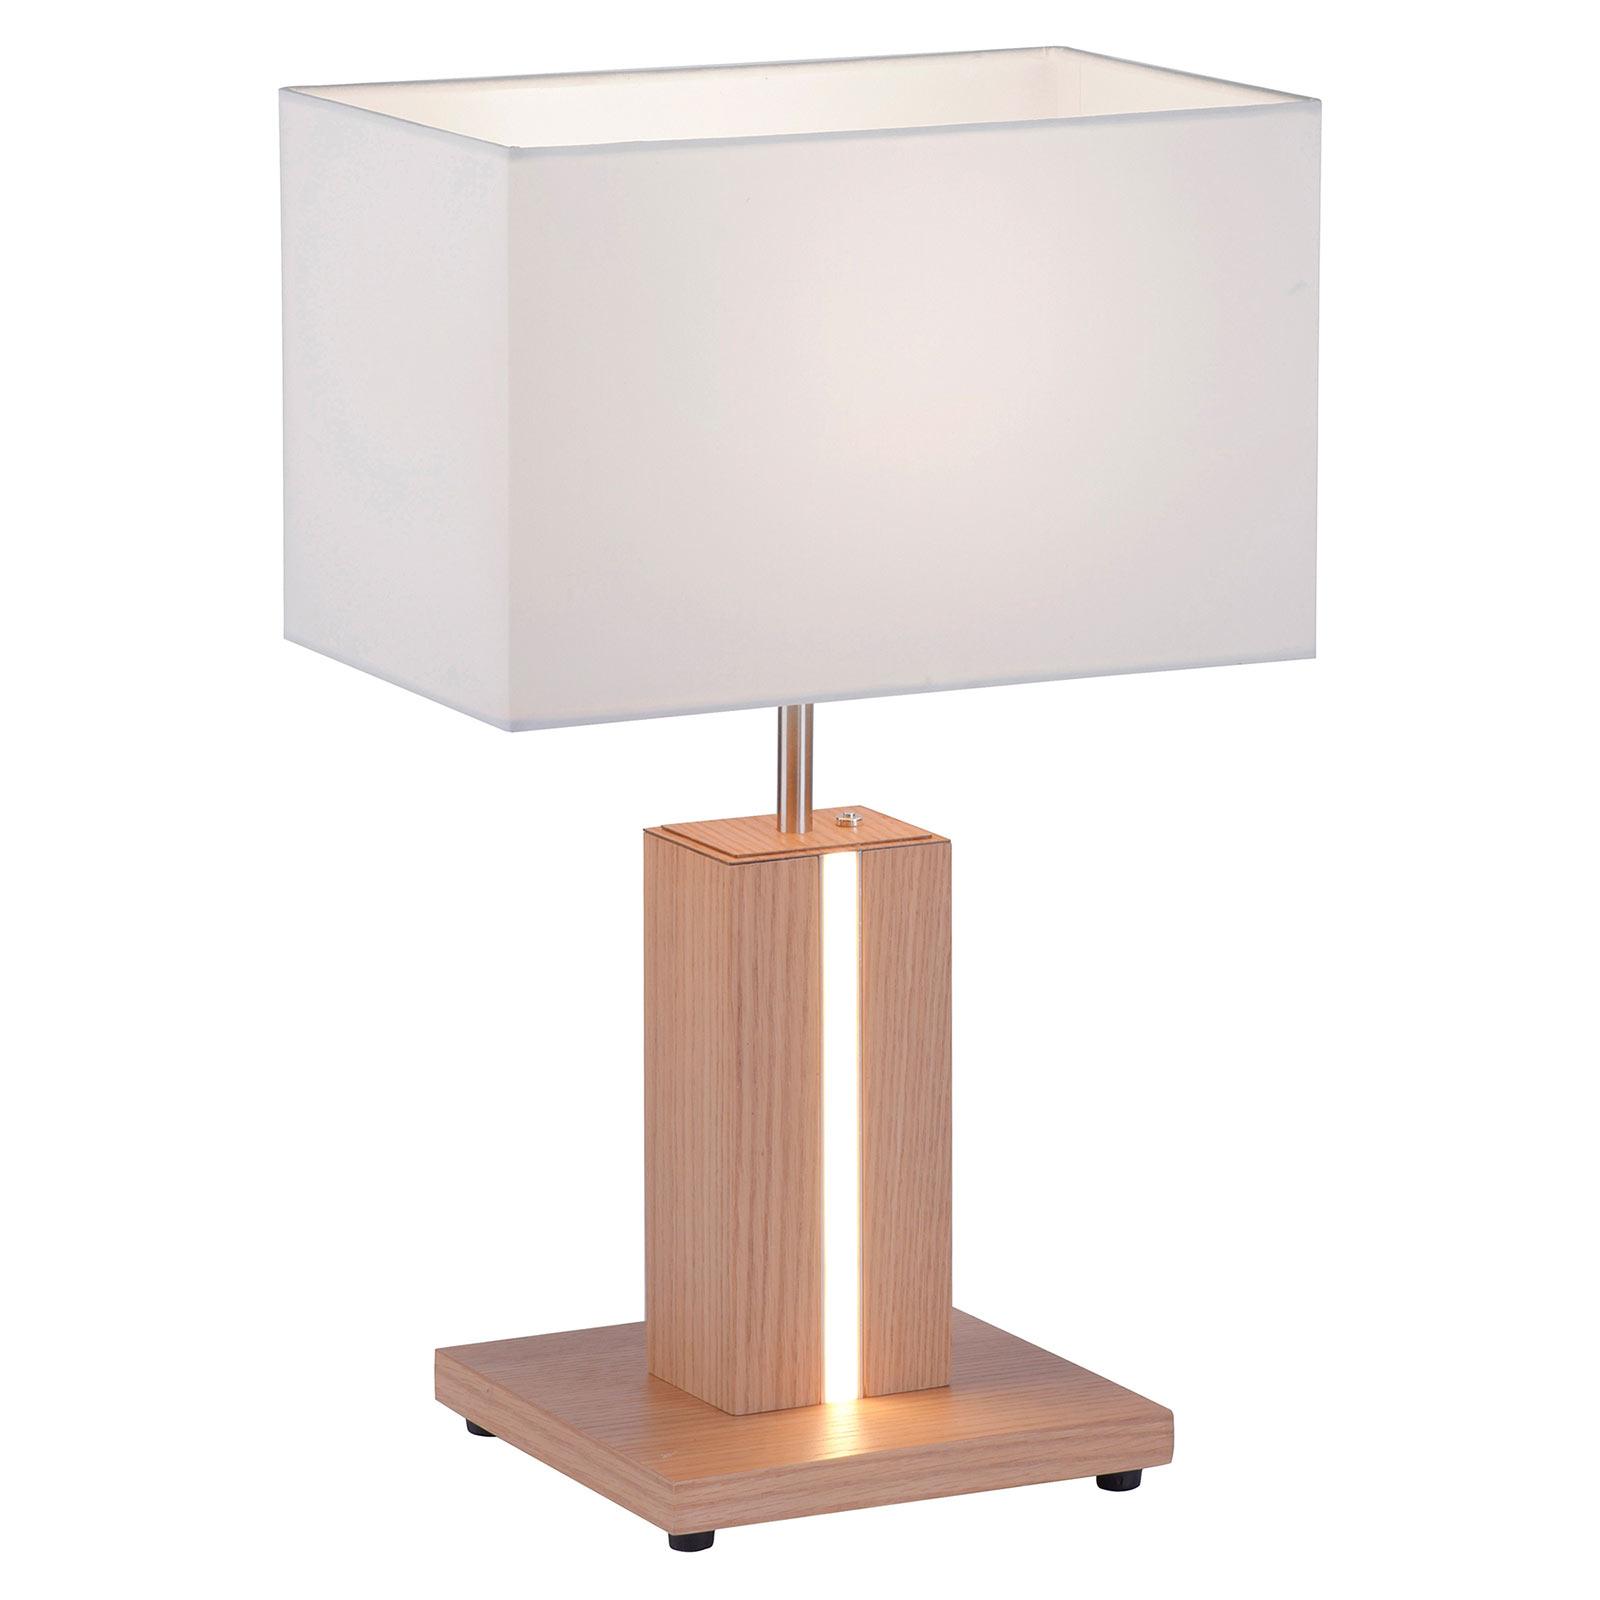 Lampa stołowa Amanda drewno dwa źródła światła